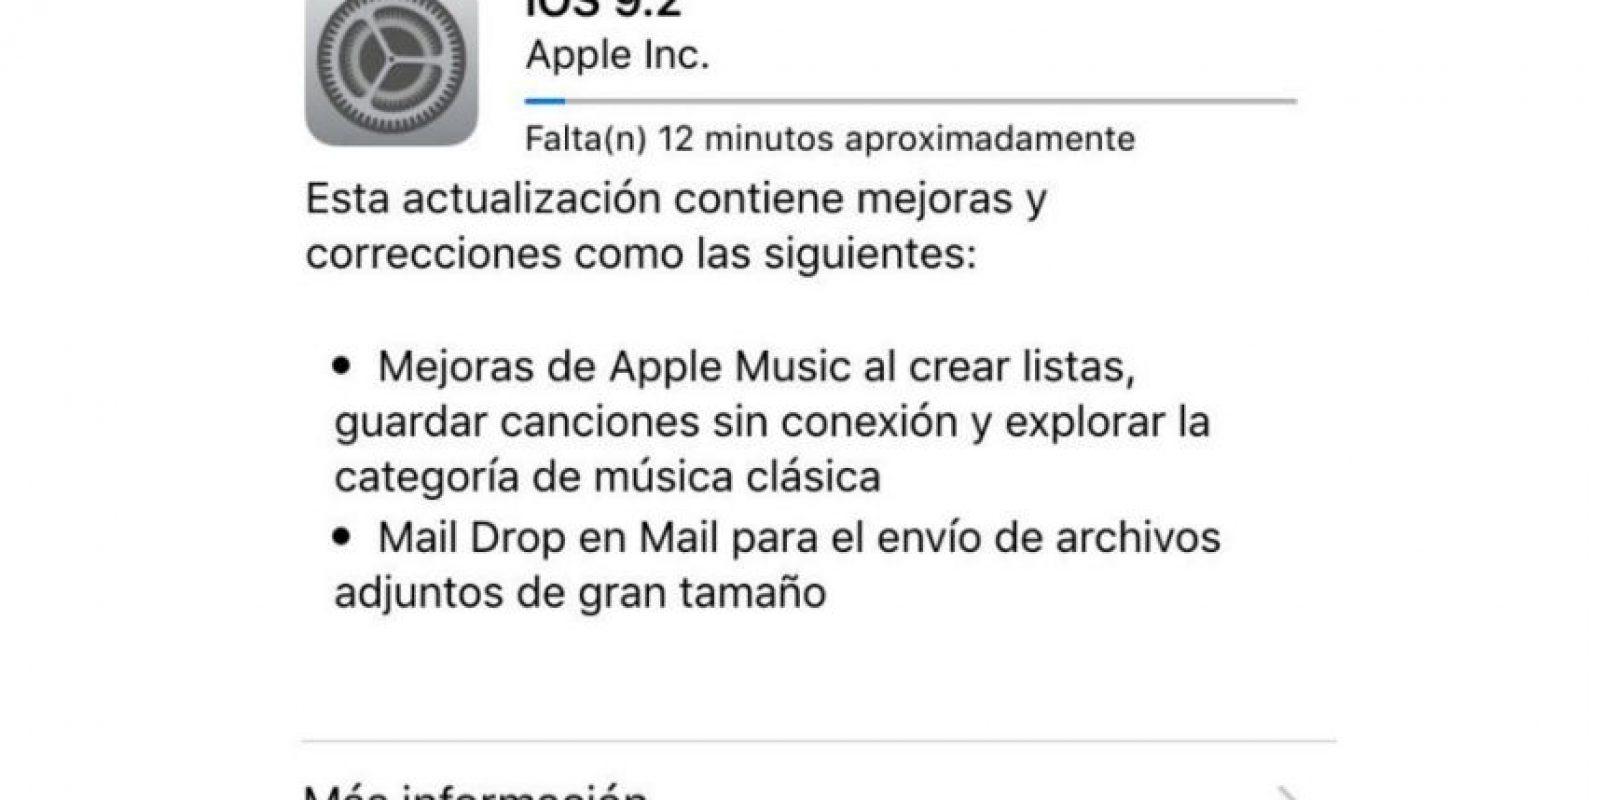 iOs 9.2 ya está disponible para dispositivos móviles de Apple. Foto:Apple